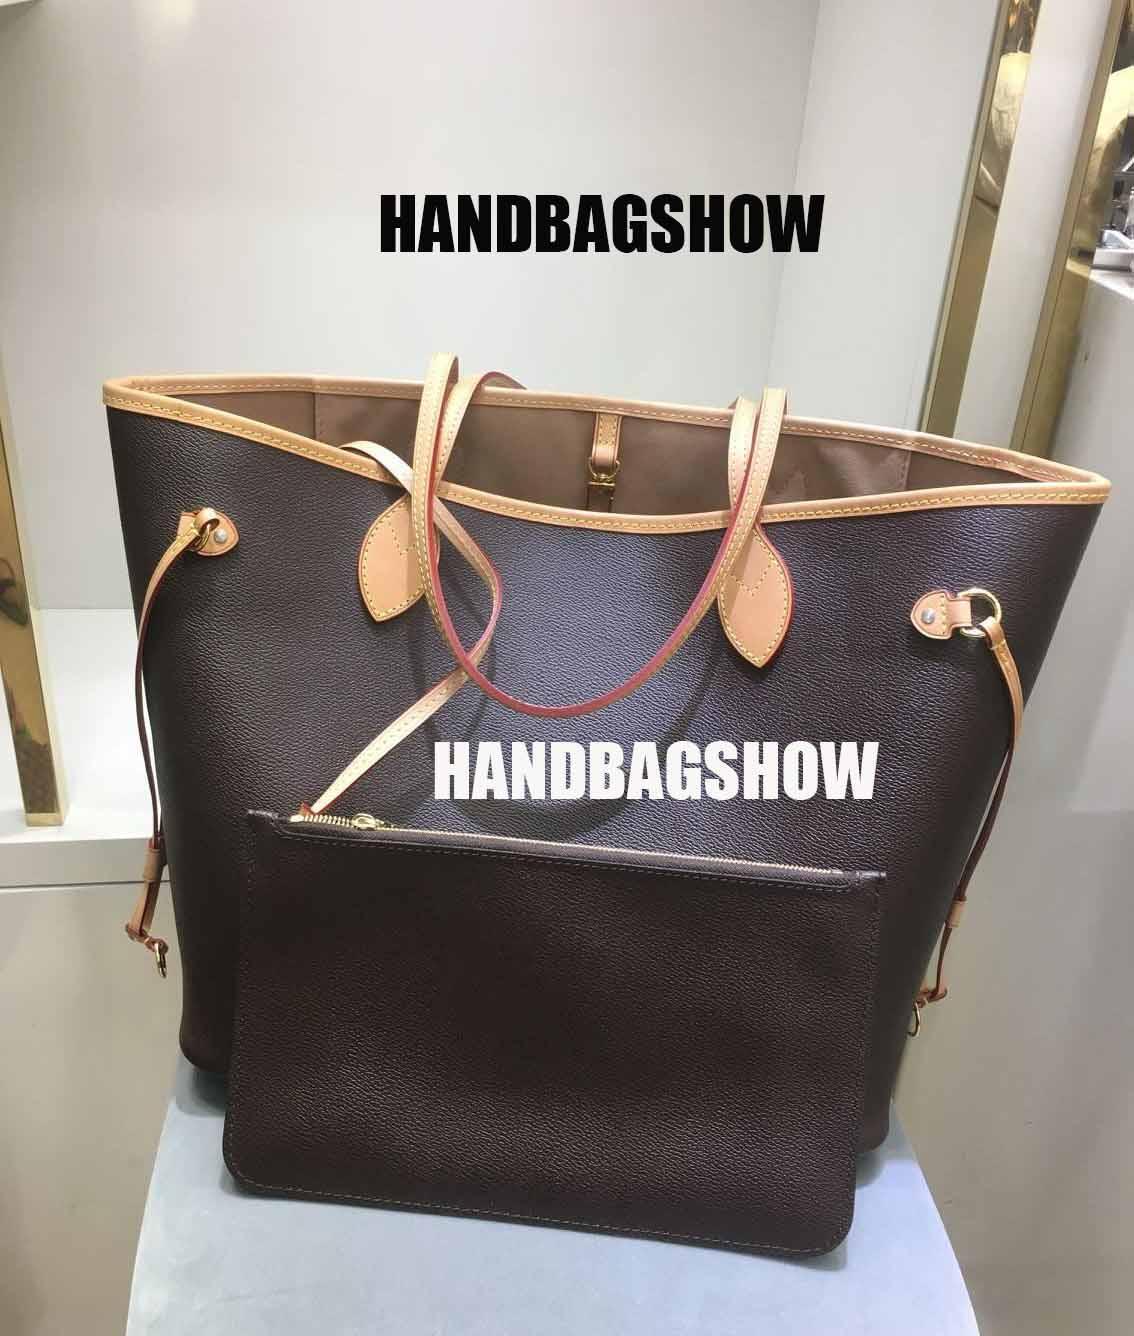 La maggior parte delle donne popolari borse borse della borsa della borsa delle borse della borsa delle signore della borsa della borsa della borsa della borsa della borsa della borsa della borsa delle donne borse da donna Borsa da donna Borsa da donna